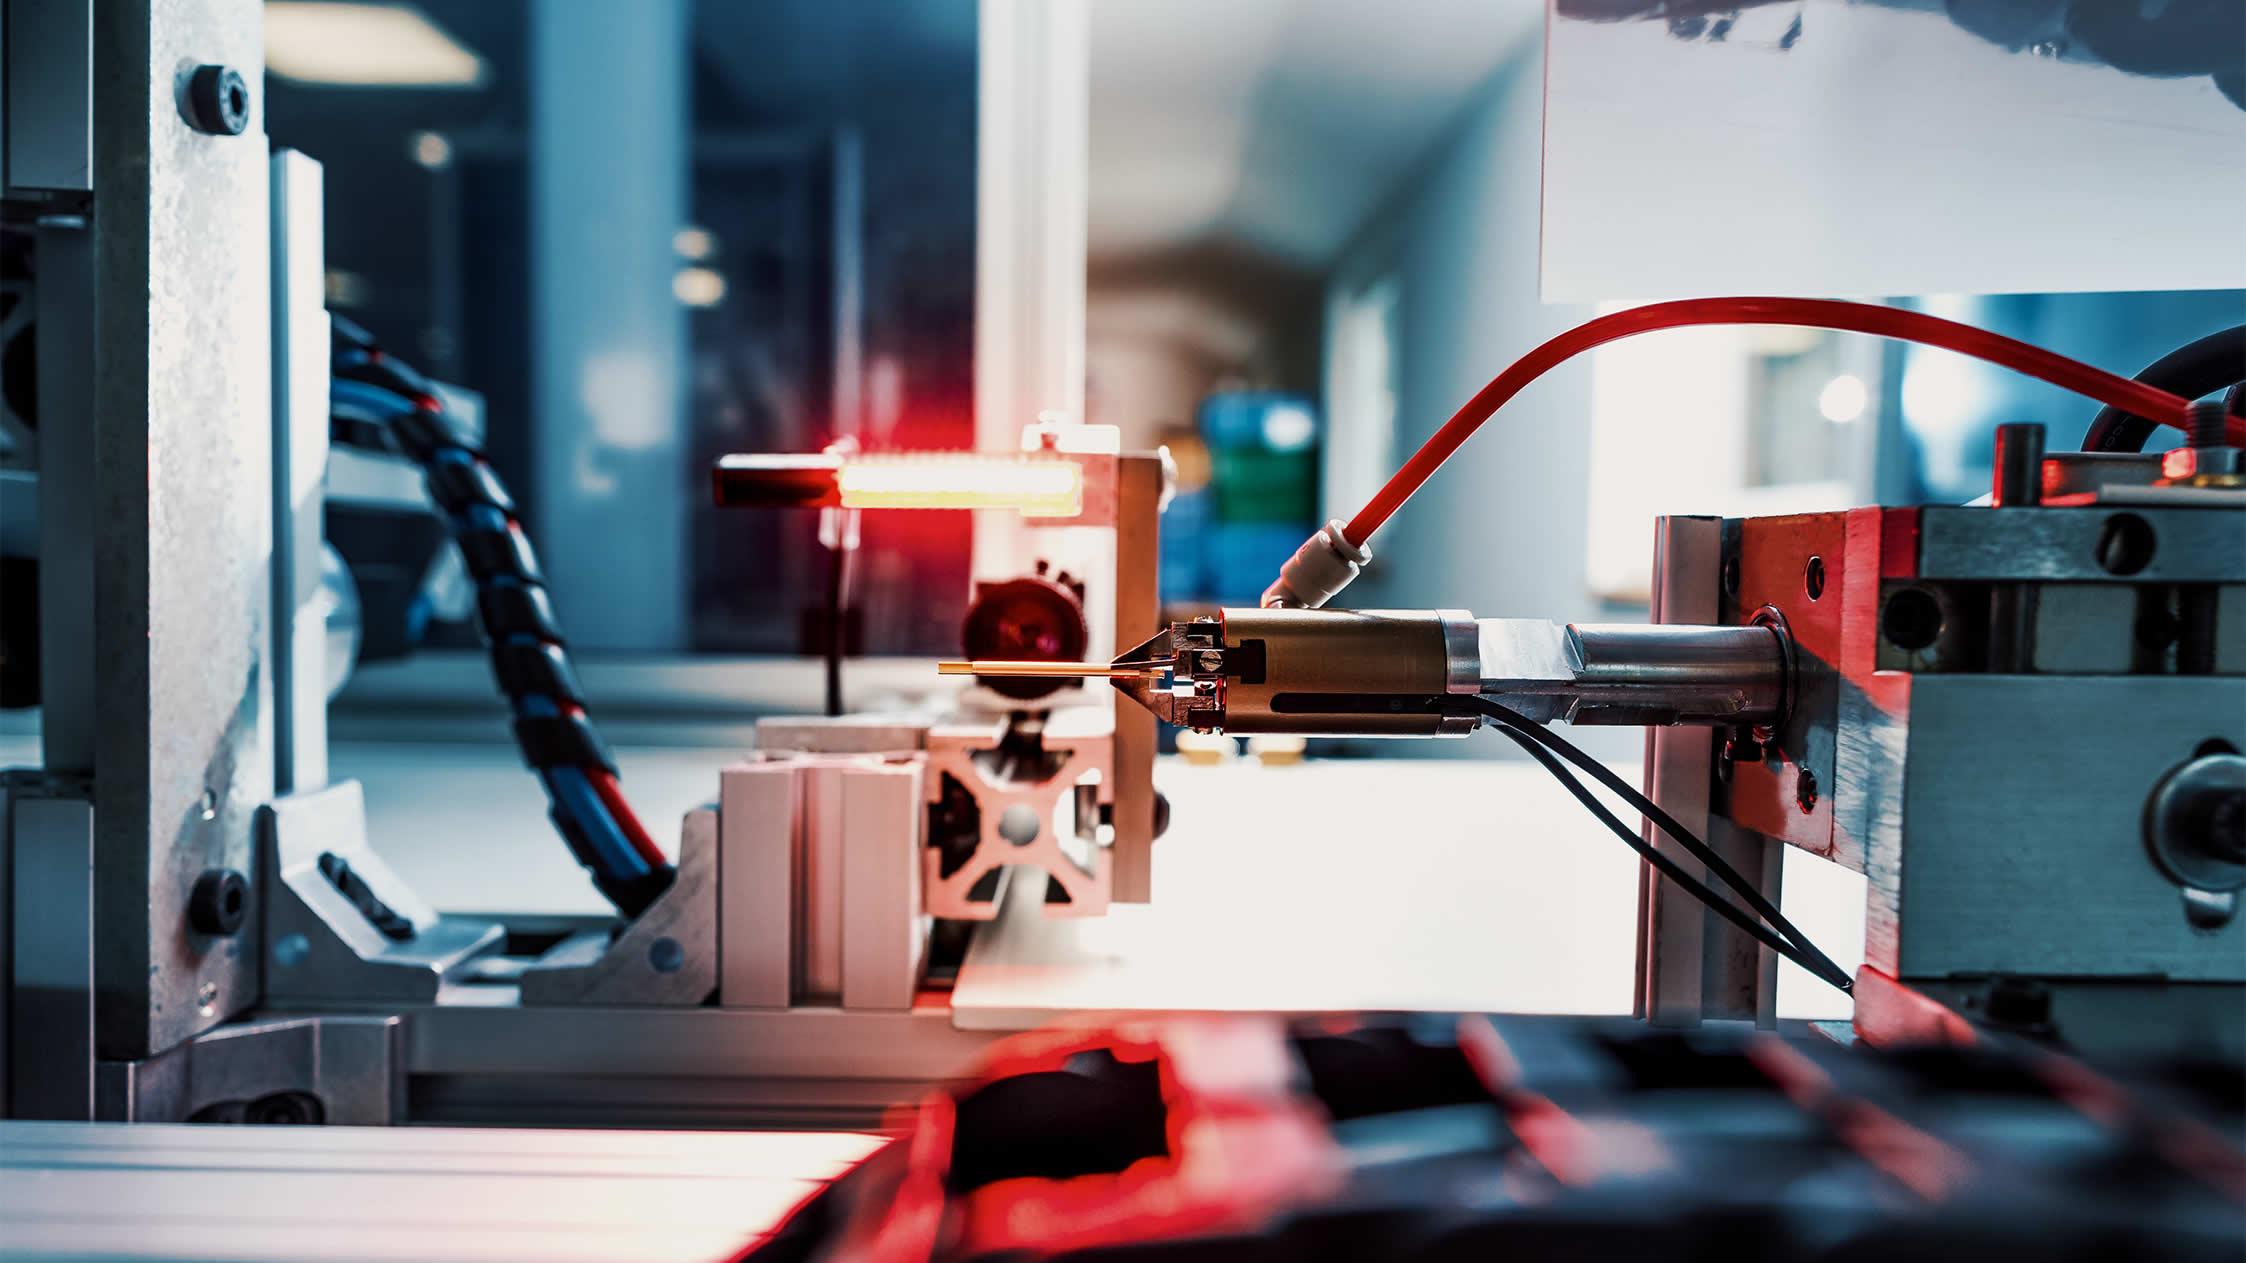 Zu sehen ist ein weiteres Prüfgerät, mit dem wir die Qualität der gefertigten Präzisionsteile sichern.